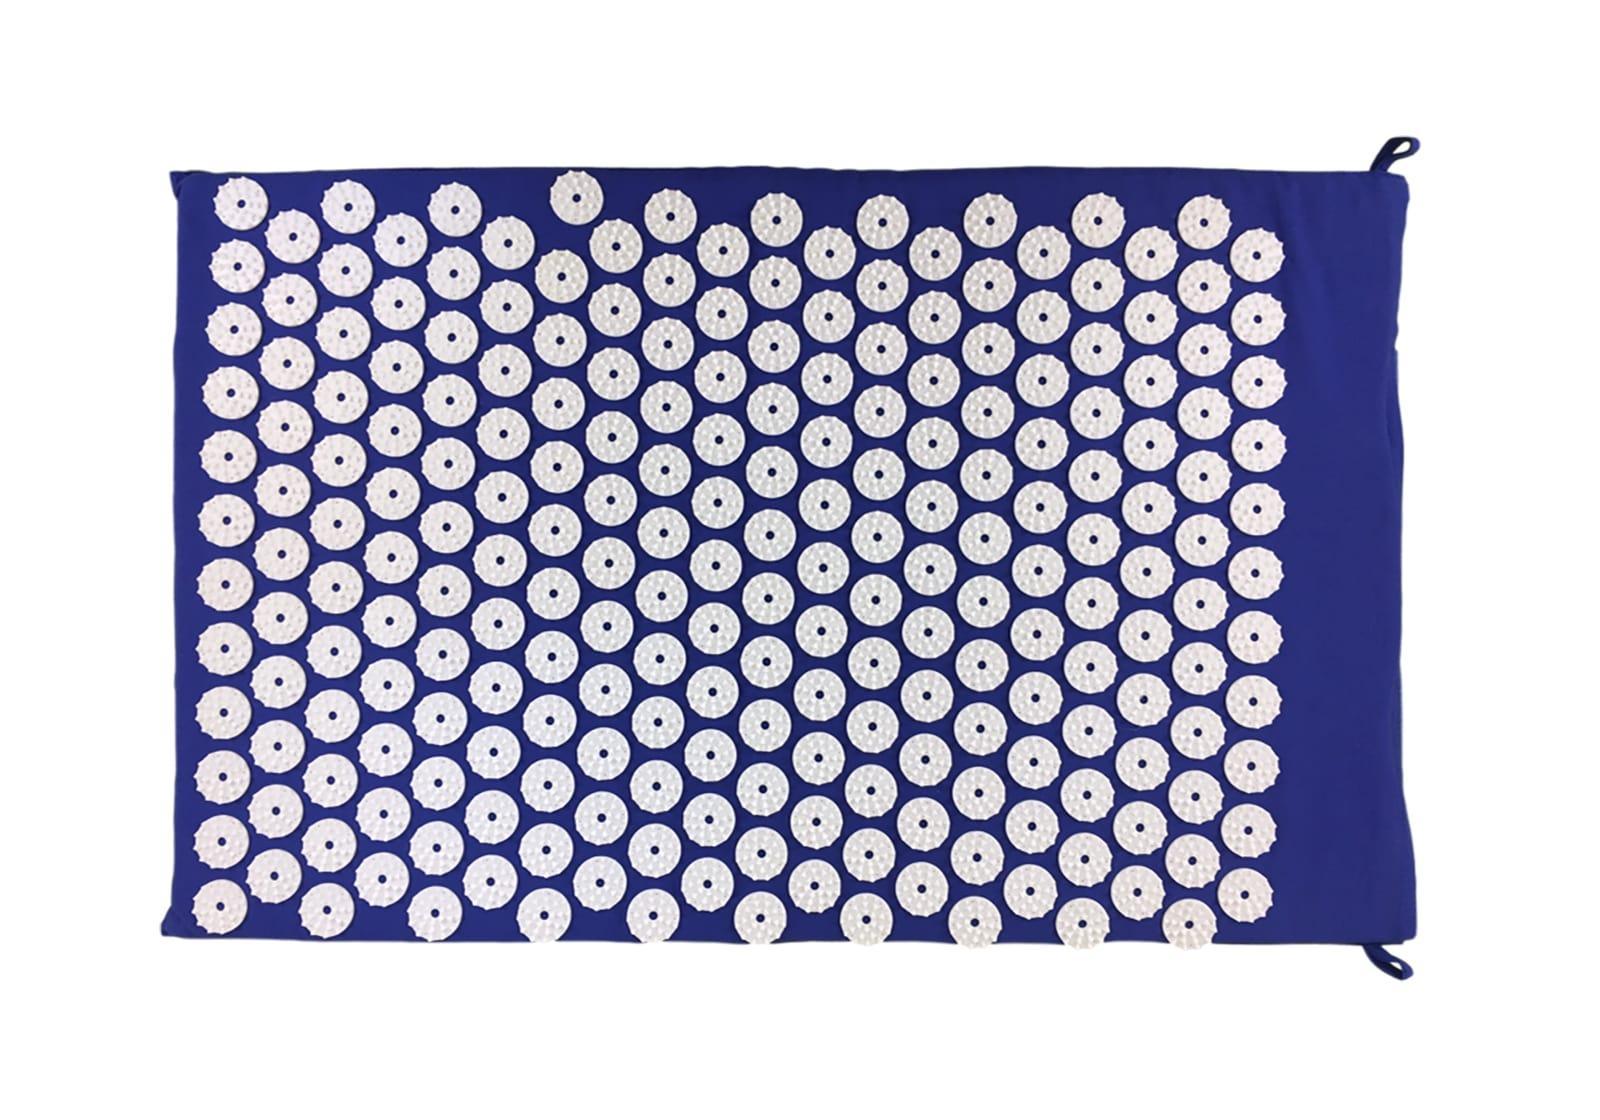 Фото Акупунктурный массажный коврик от Rao 64*40 см